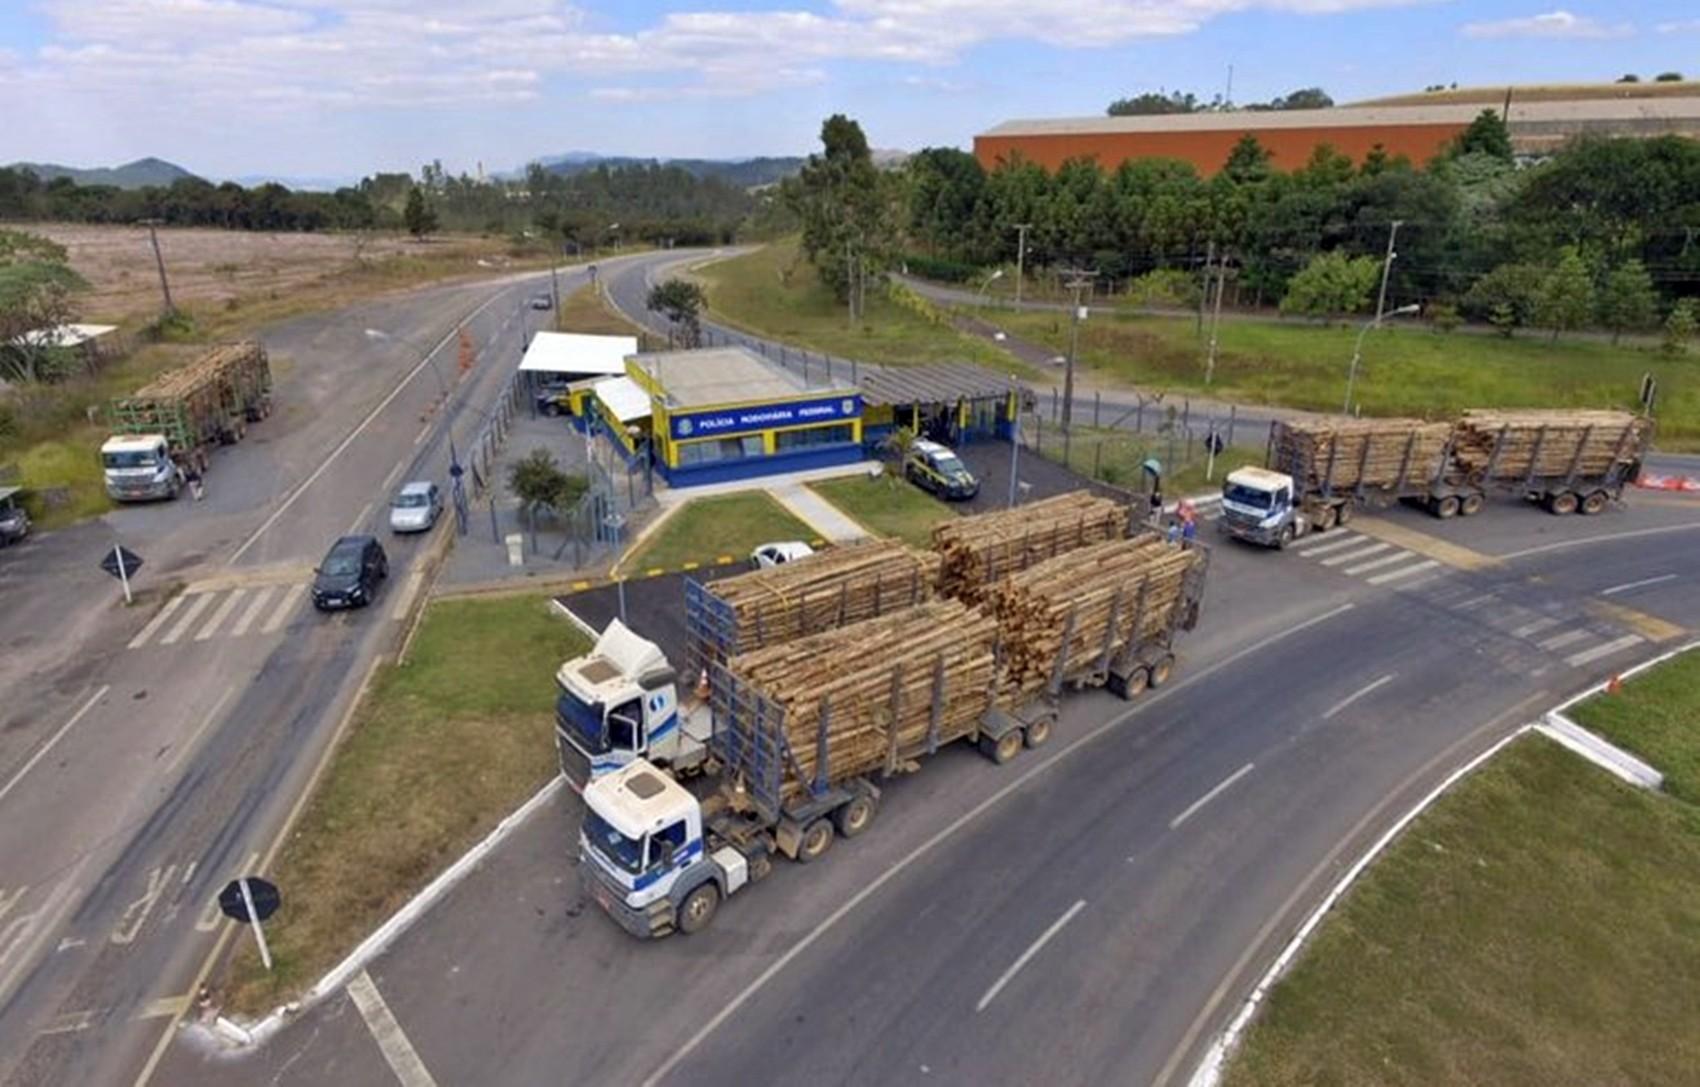 Caminhões com eucalipto são apreendidos por excesso de peso em Poços de Caldas, MG